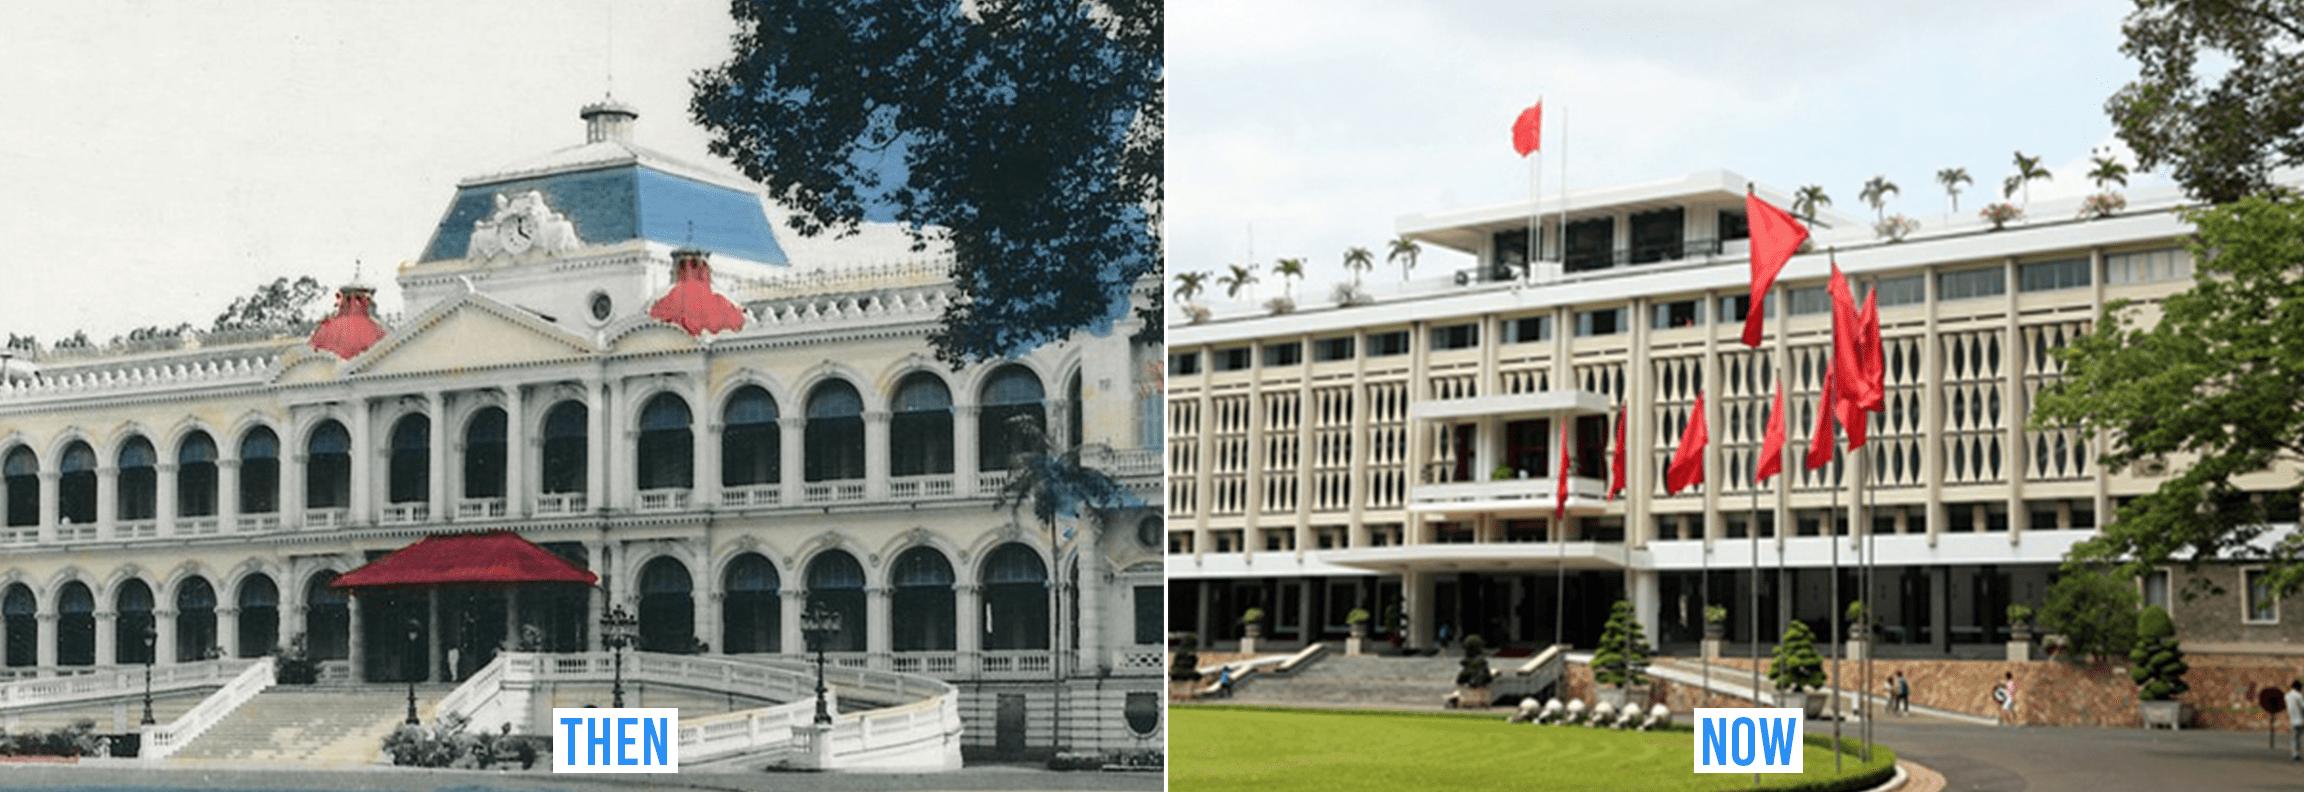 saigon then & now _ independence palace